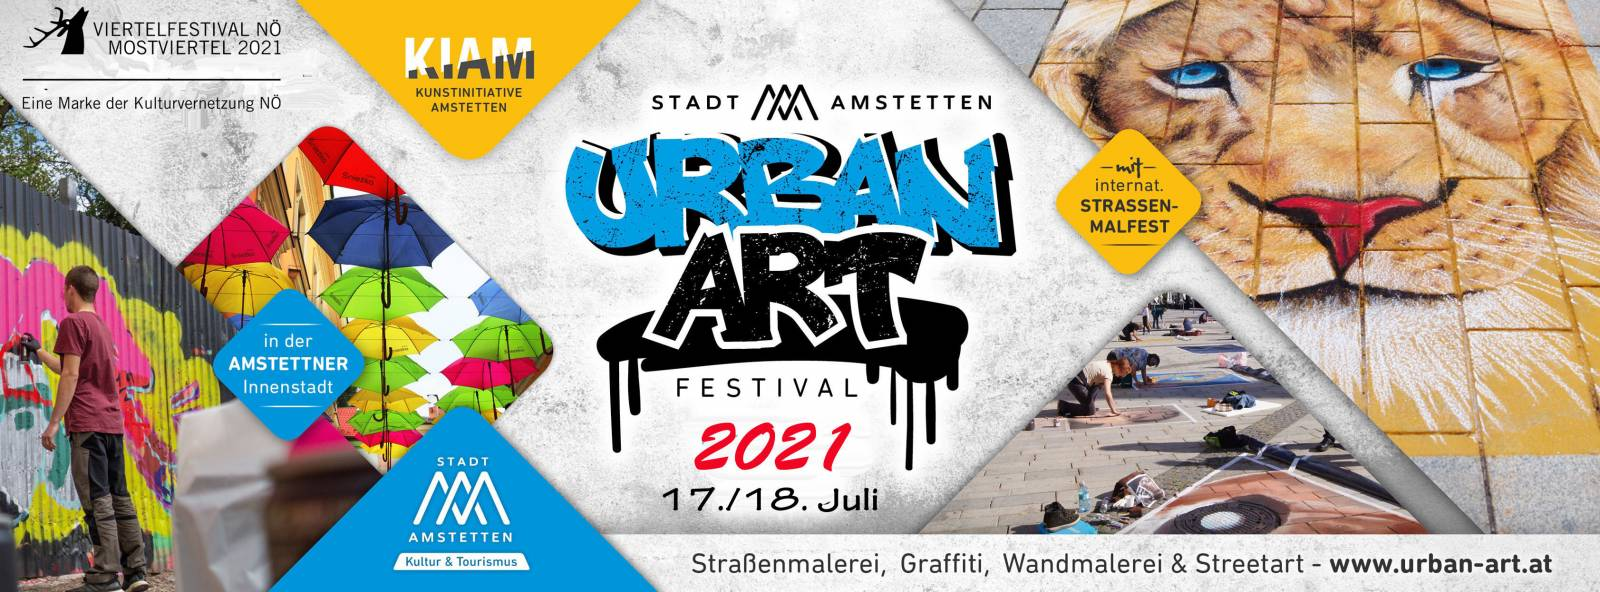 urban_art_festival_amstetten_2021